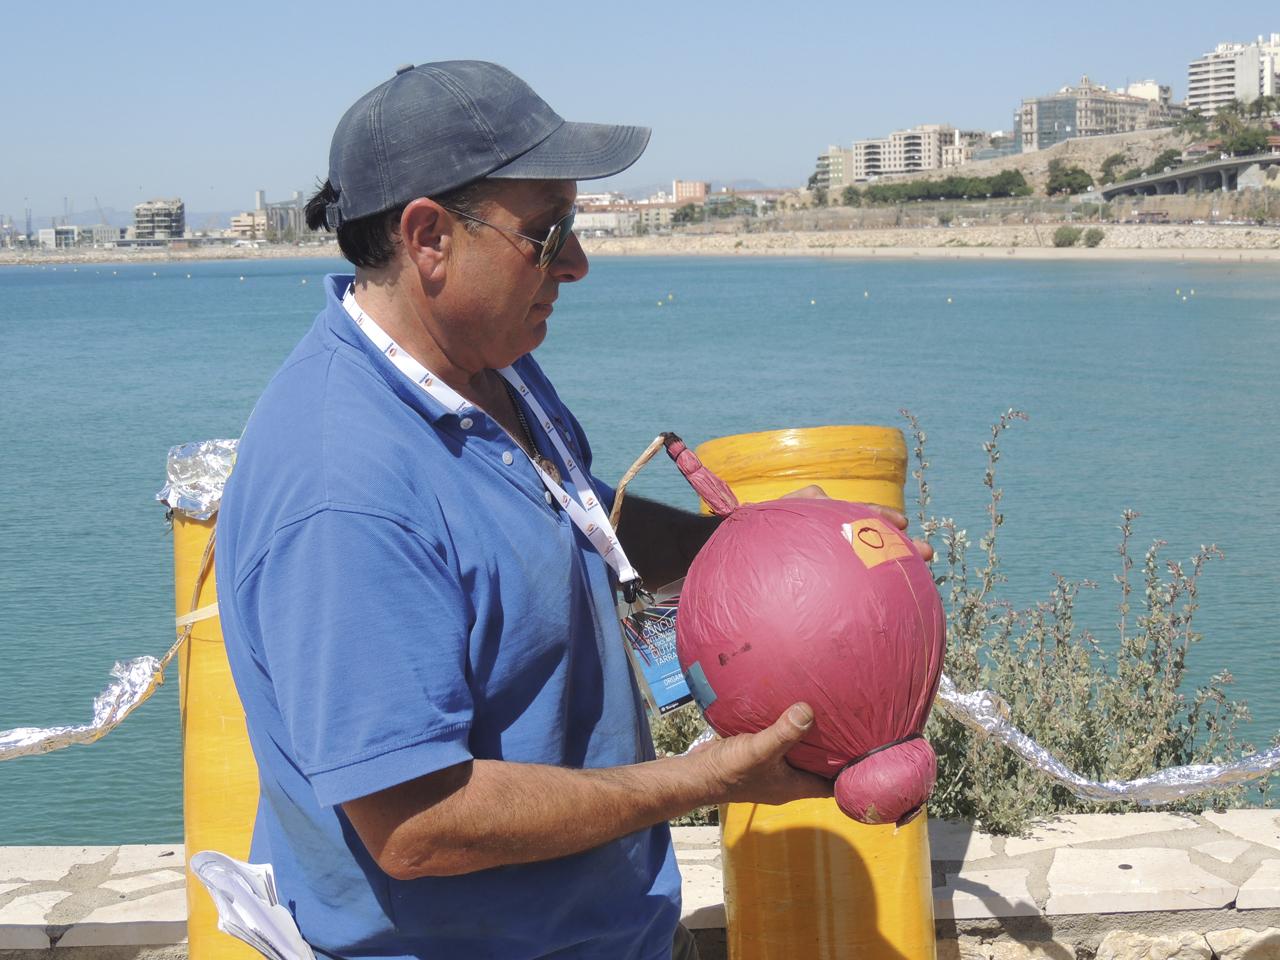 Benlloch ens mostra una bola de pólvora, que permet que els coets s'enlairin fins a alçades de prop de 300 metres.